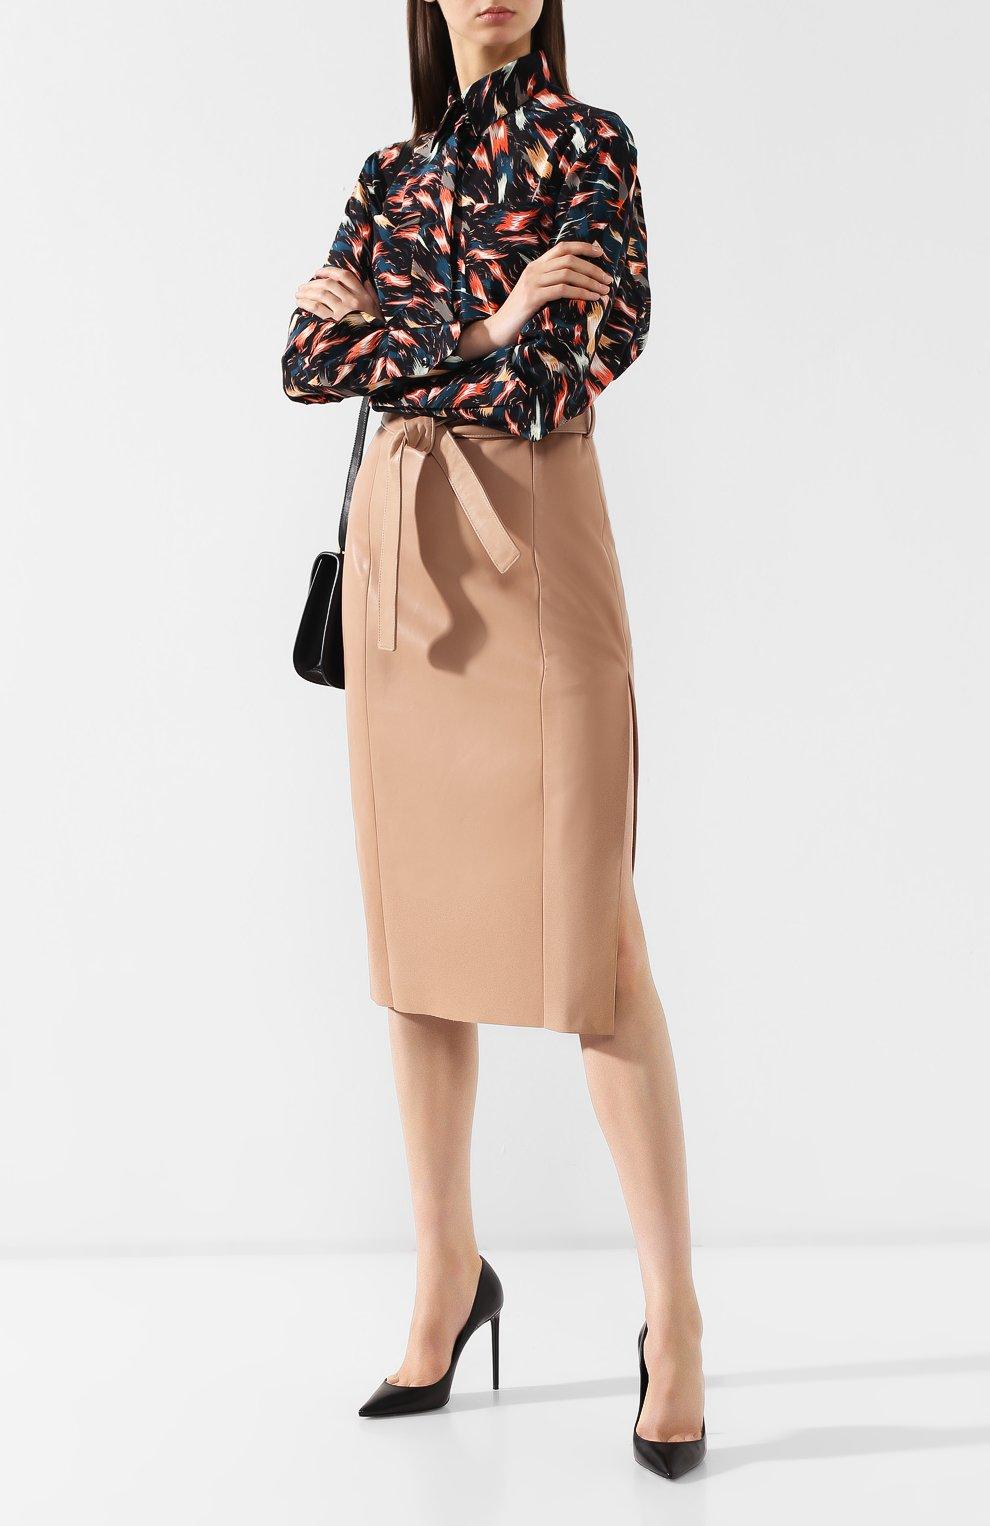 d5284d6ce08 Женская бежевая кожаная юбка DROME — купить за 55000 руб. в интернет ...